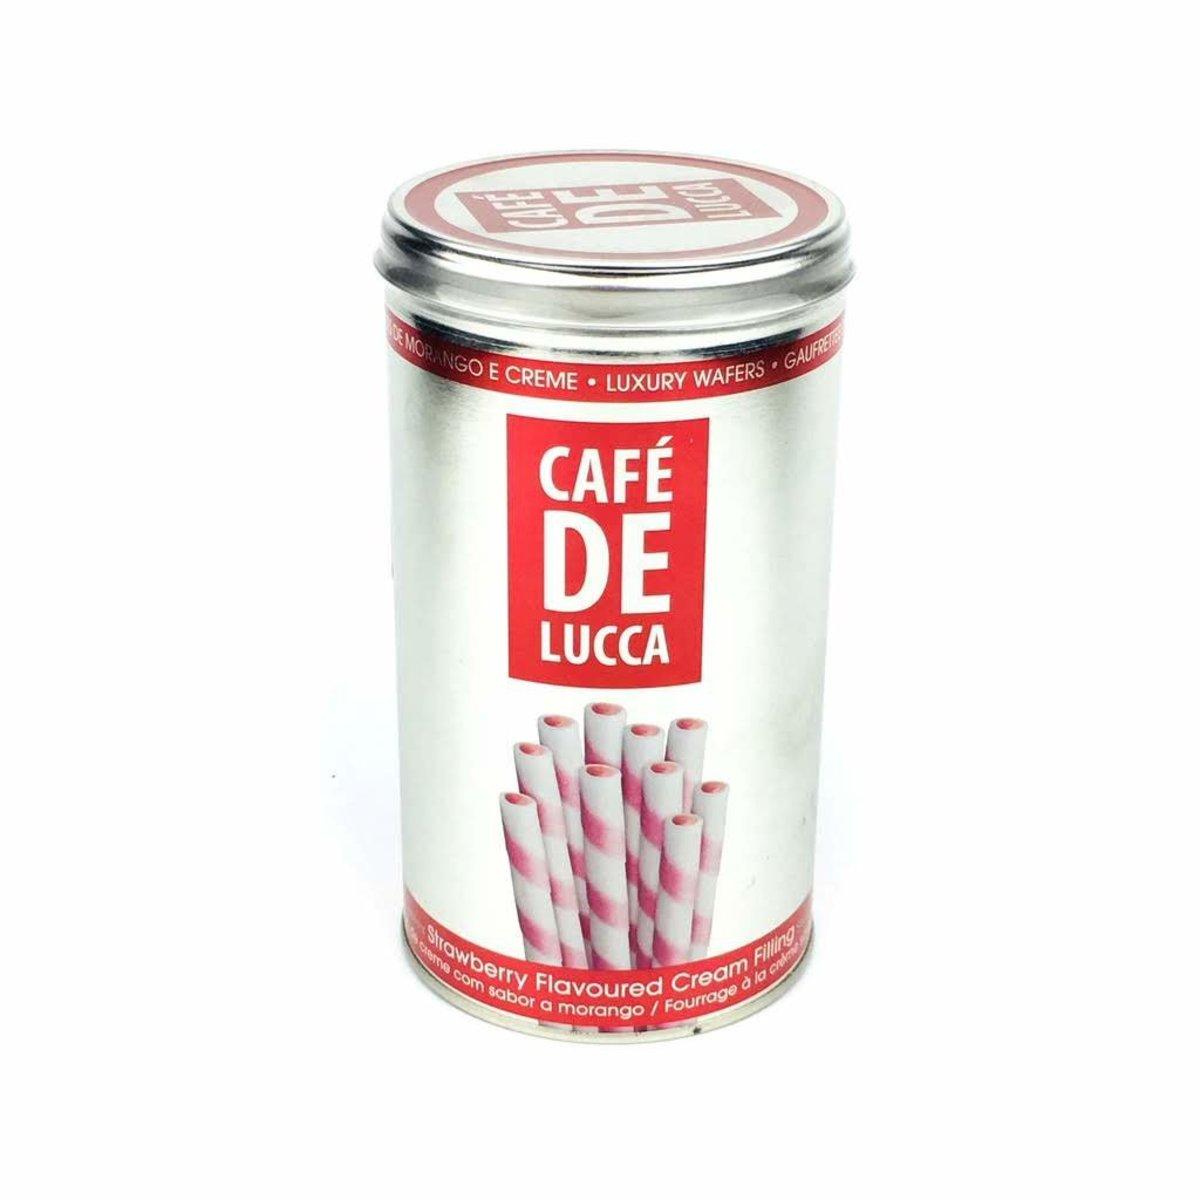 Cafe De Lucca 士多啤梨味威化卷 300g